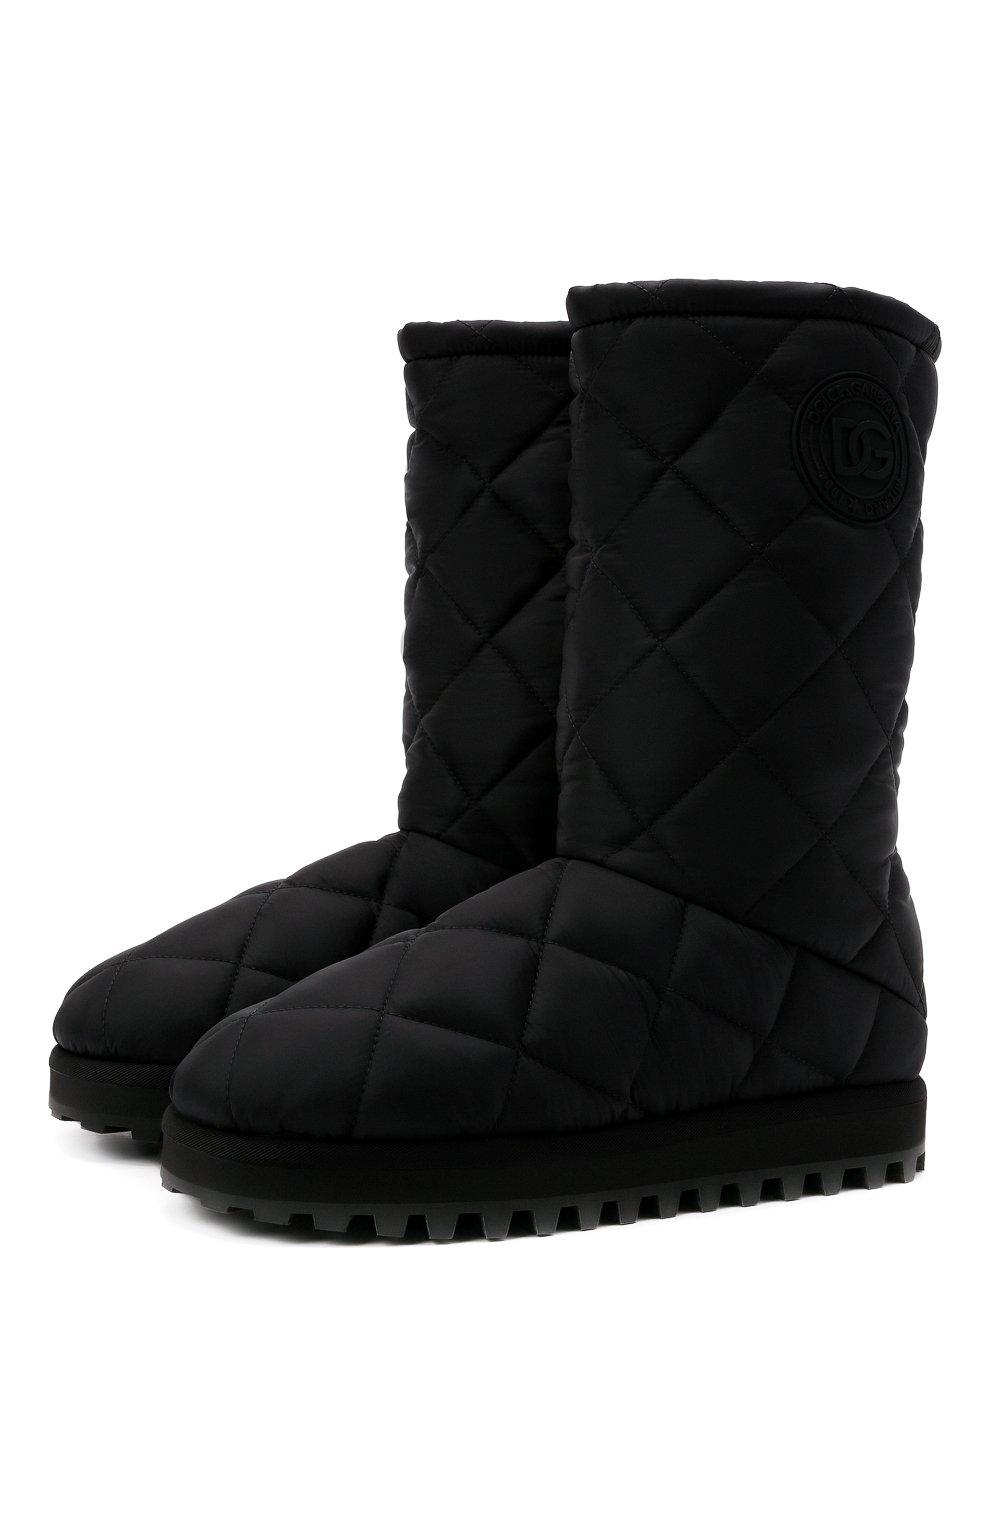 Мужские текстильные сапоги city boots DOLCE & GABBANA черного цвета, арт. CS1904/AQ125   Фото 1 (Материал внешний: Текстиль; Материал внутренний: Текстиль; Подошва: Массивная; Мужское Кросс-КТ: Сапоги-обувь)